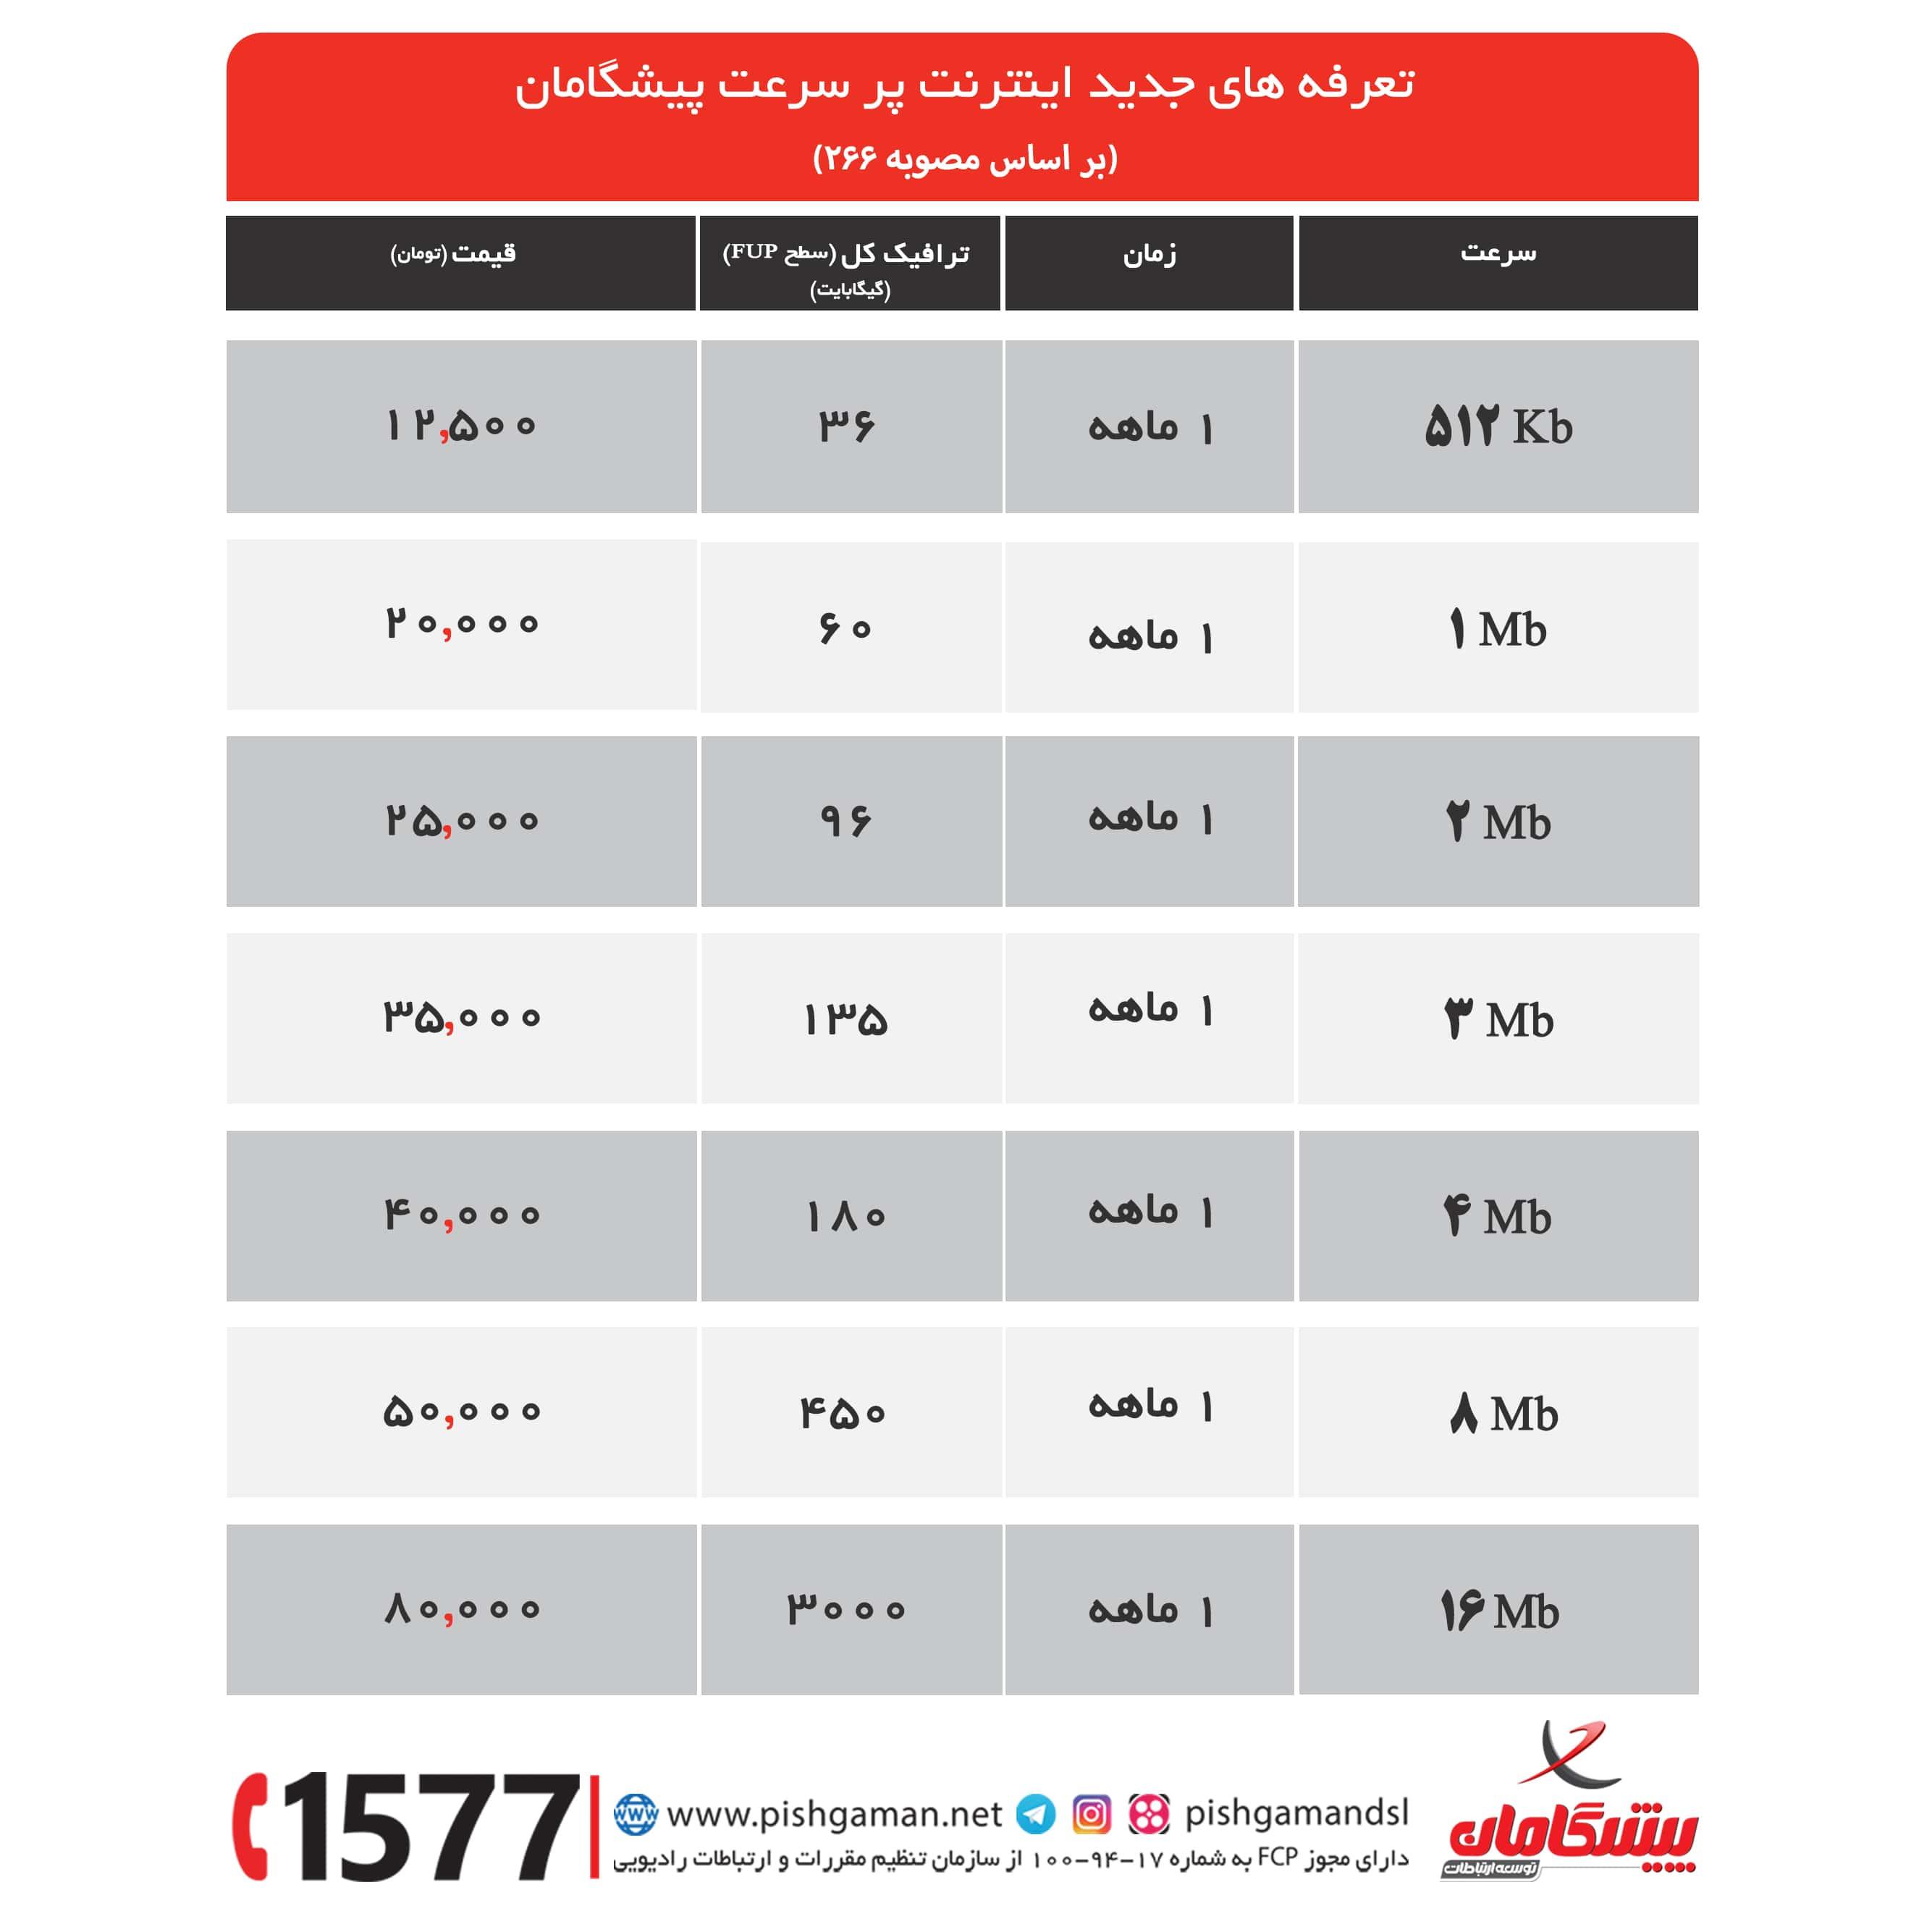 pishgaman4 - مشخص شدن حجم مصرف منصفانه در طرح اینترنت غیرحجمی و مقایسه شرکتها (بروزرسانی 14 اسفند 96)